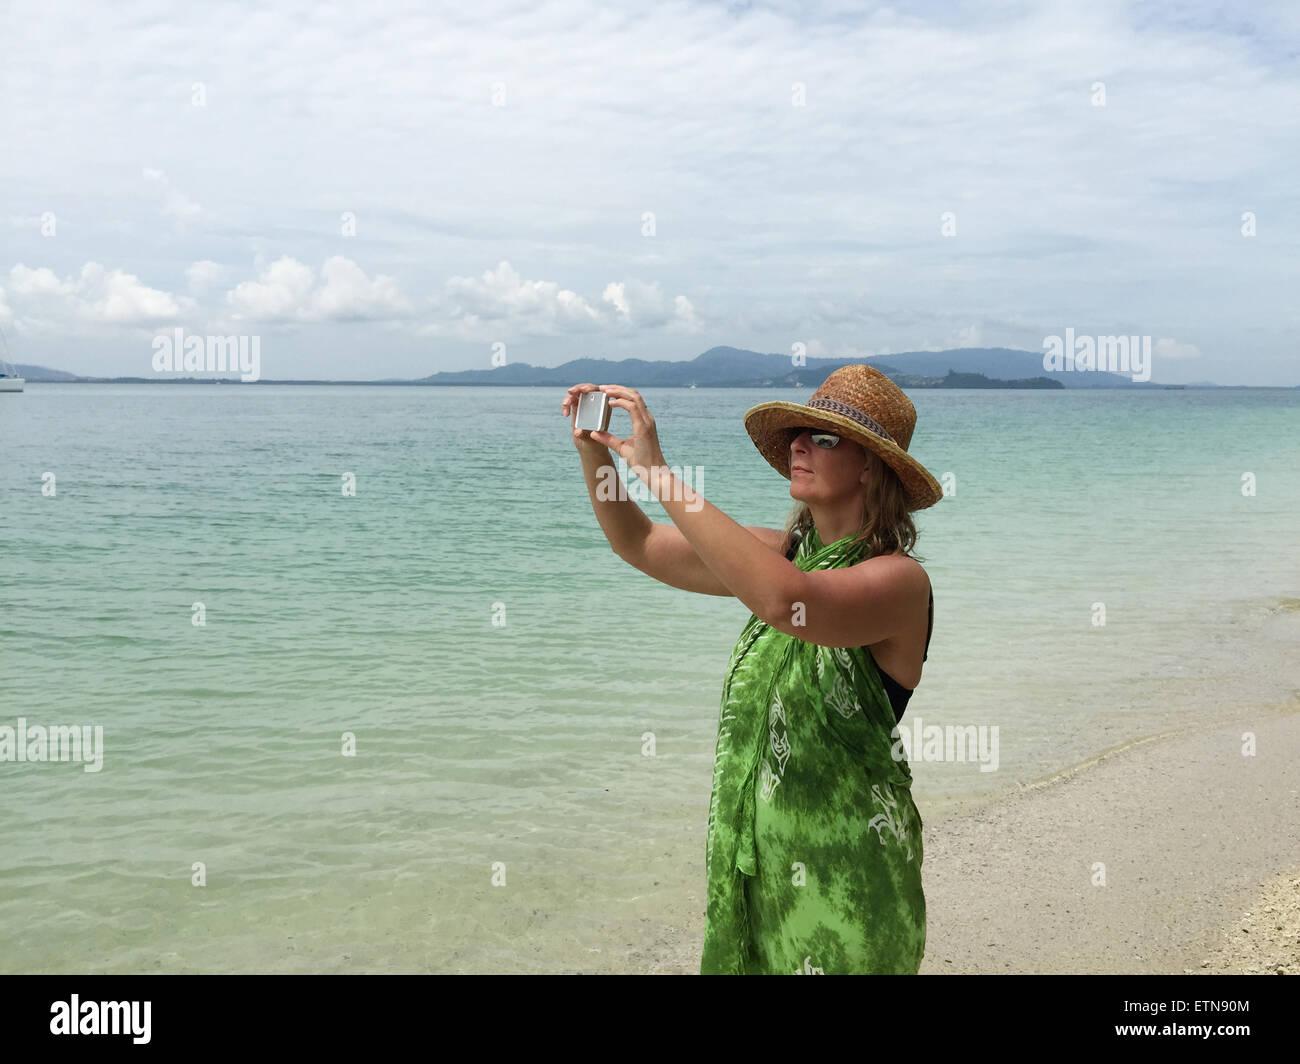 Woman taking a photo sur la plage à l'aide d'un appareil mobile Photo Stock